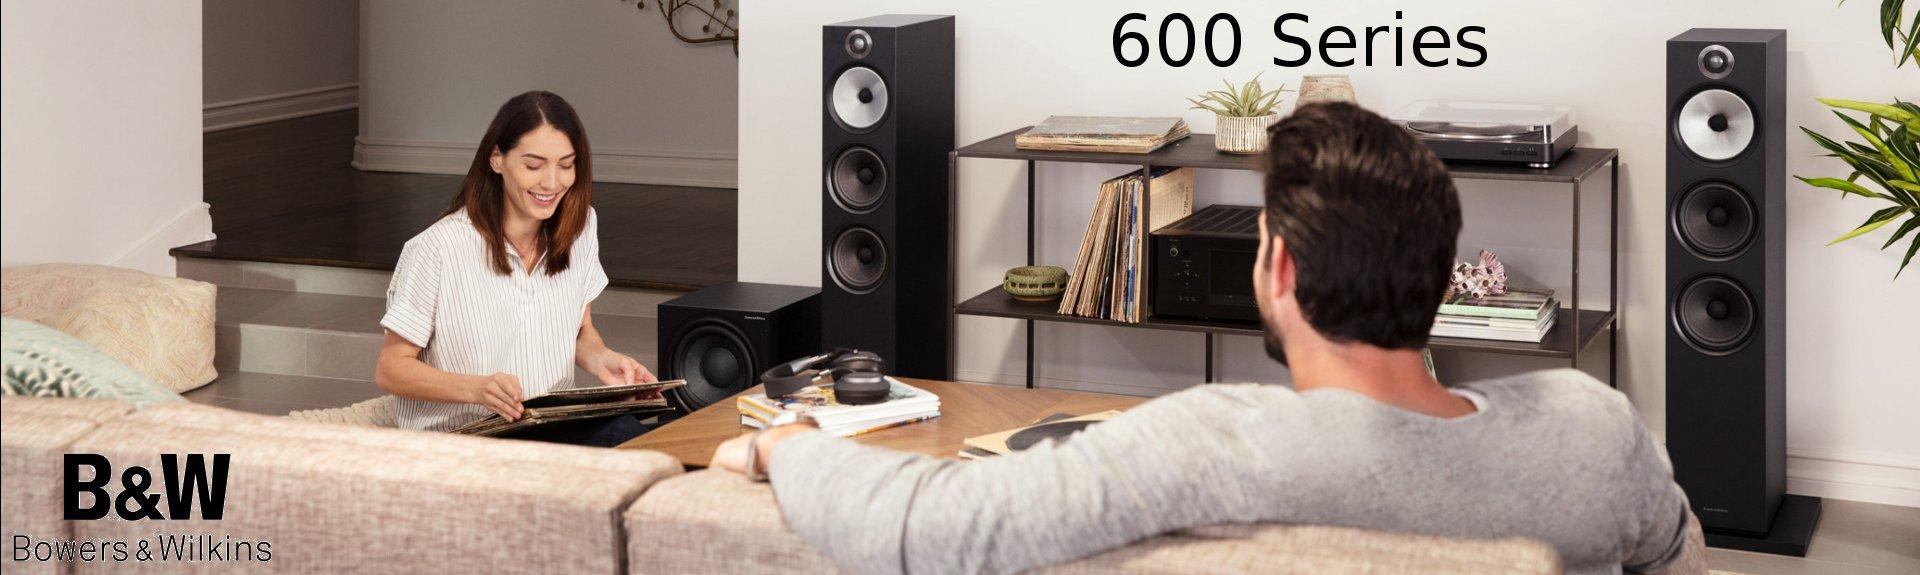 B&W 600 Series